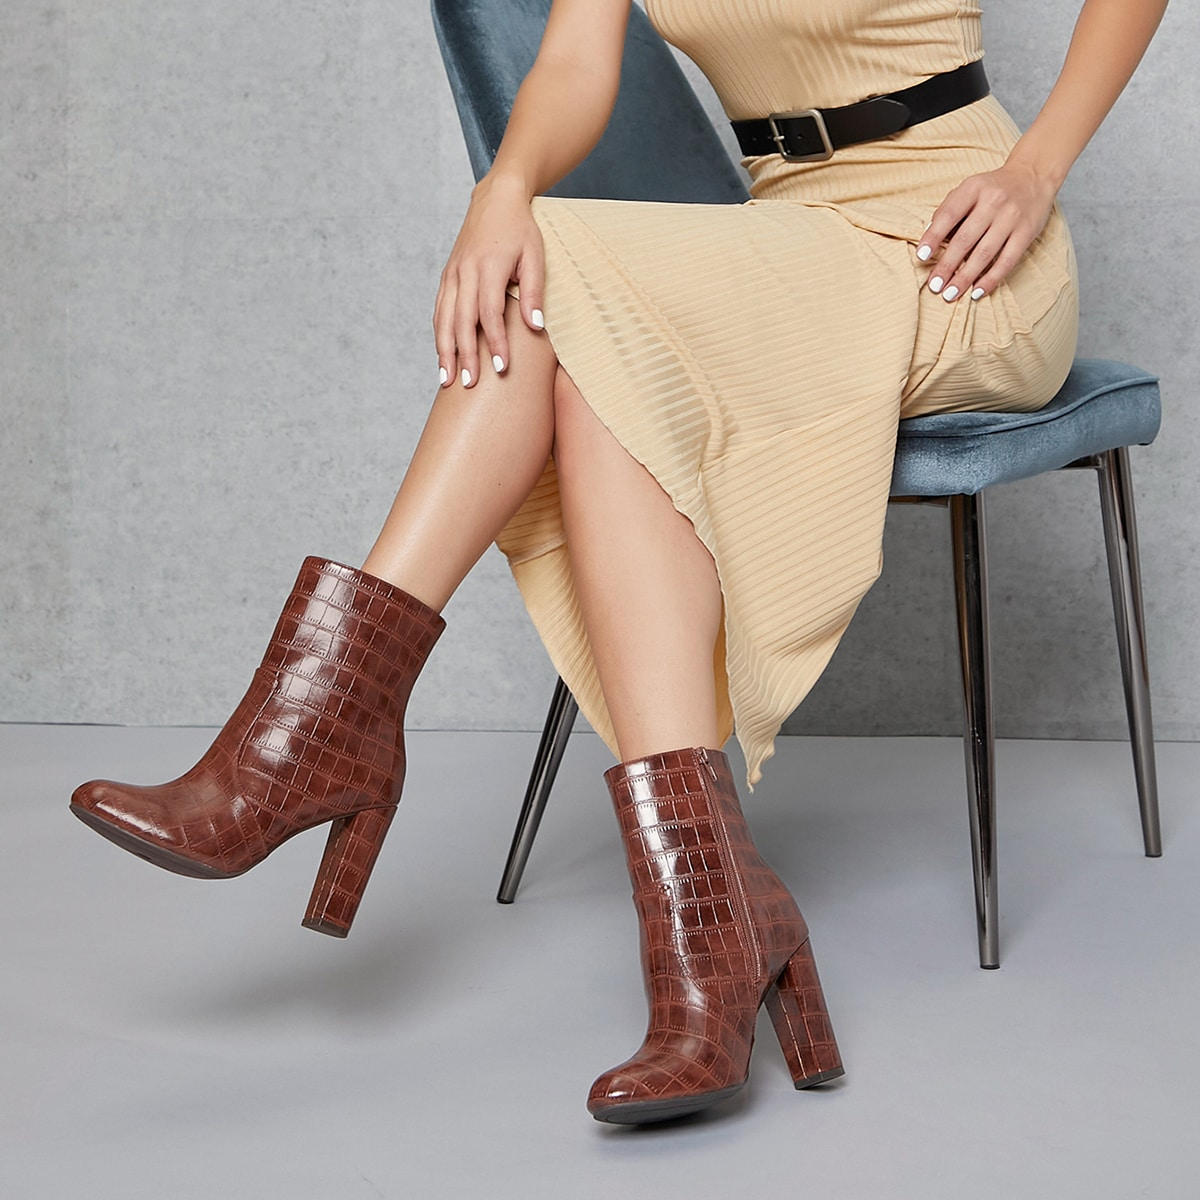 Сапоги на высоком каблуке из искусственной кожи крокодила